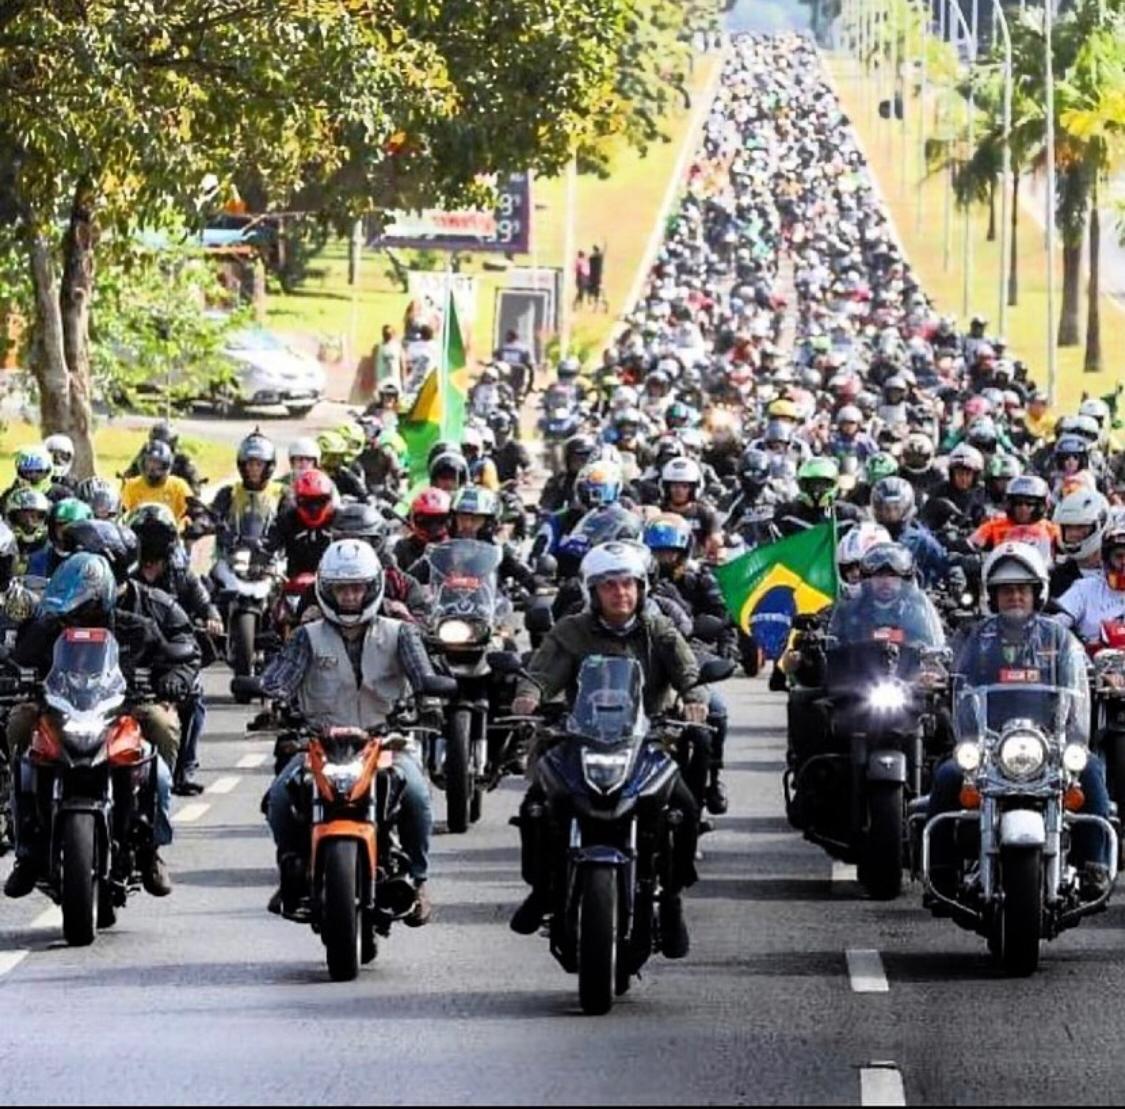 WhatsApp Image 2021 05 09 at 15.19.36 - Bolsonaro volta defender voto auditável: 'ganhe quem ganhar, mas sem suspeição de fraude'